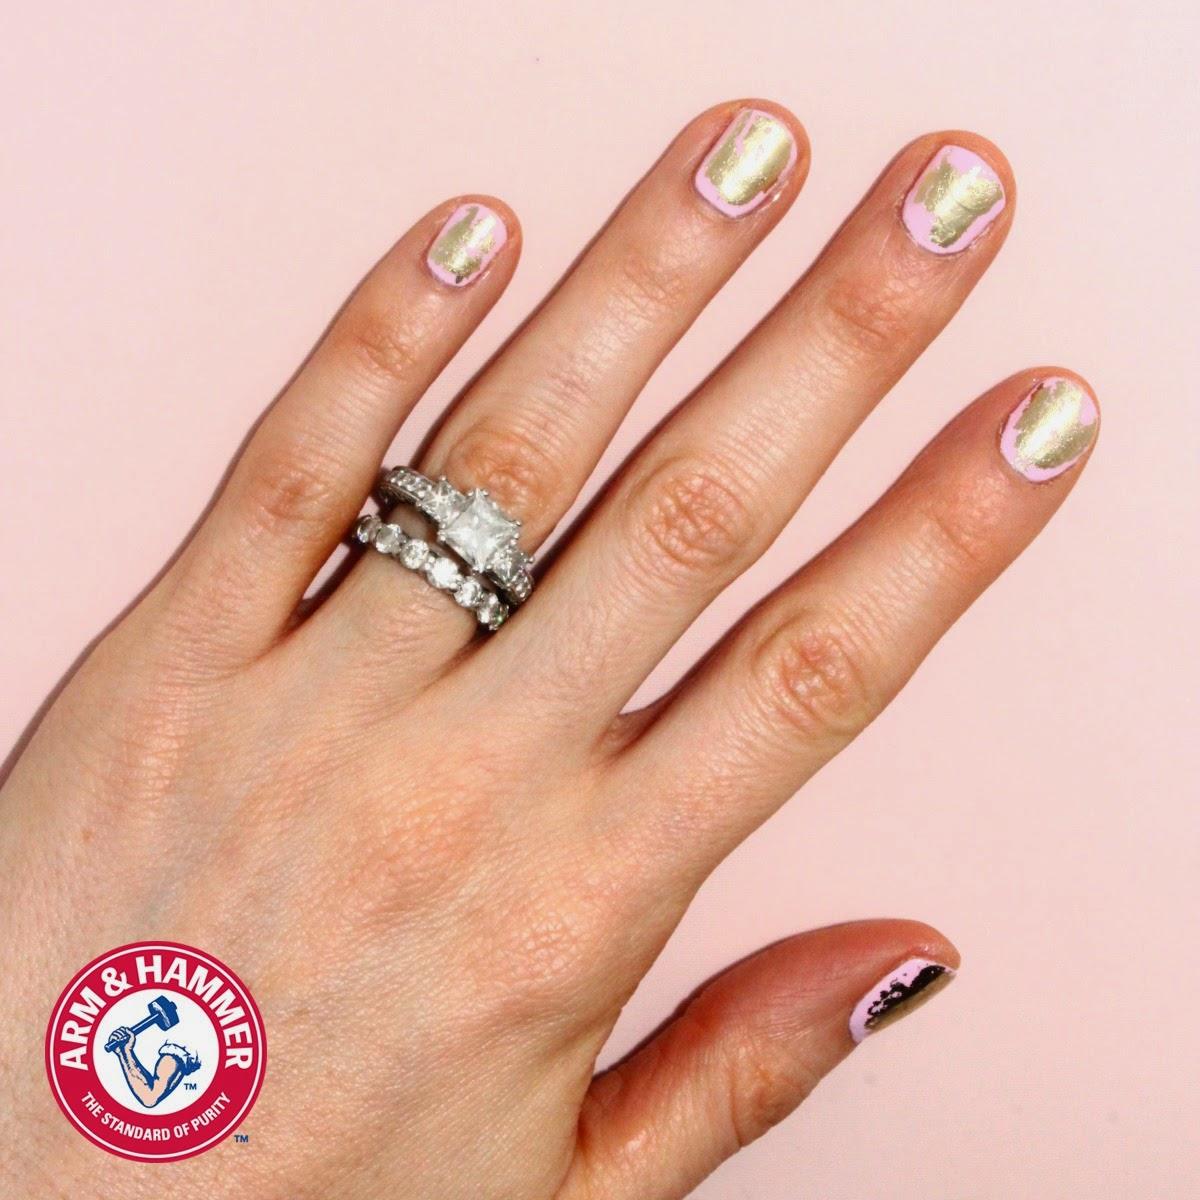 paintbox manicure